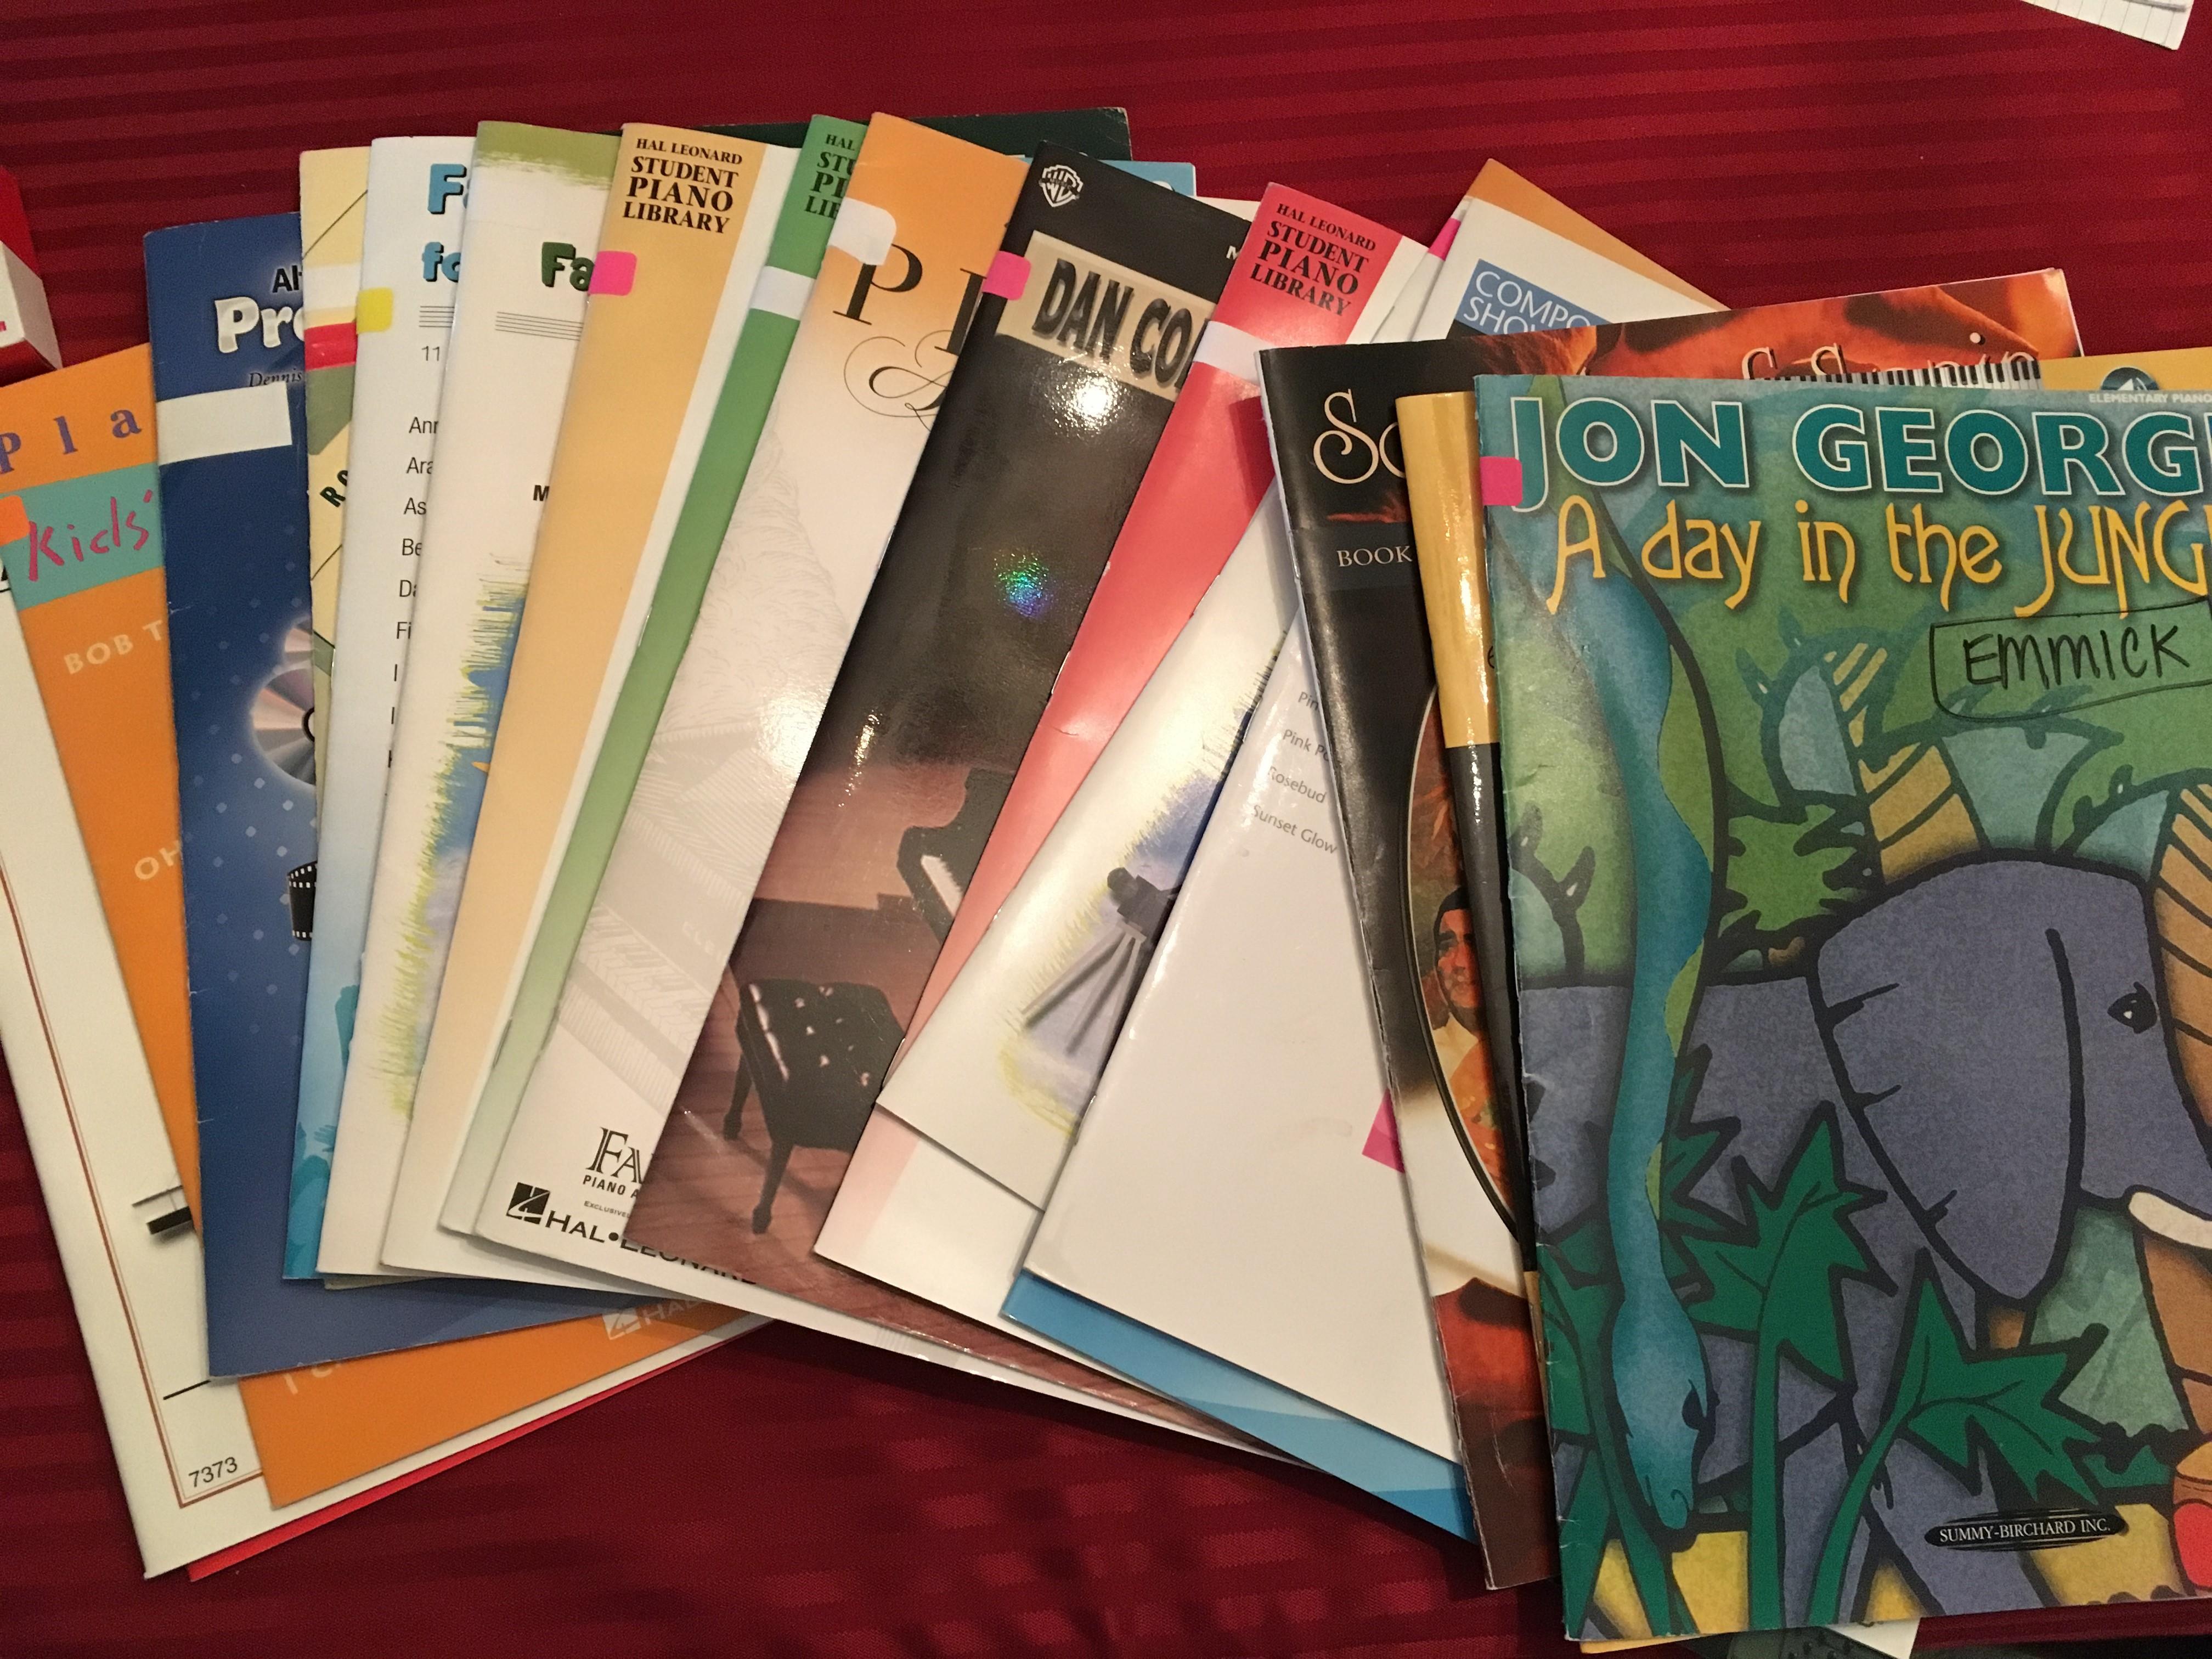 Dallas Piano Lessons Books